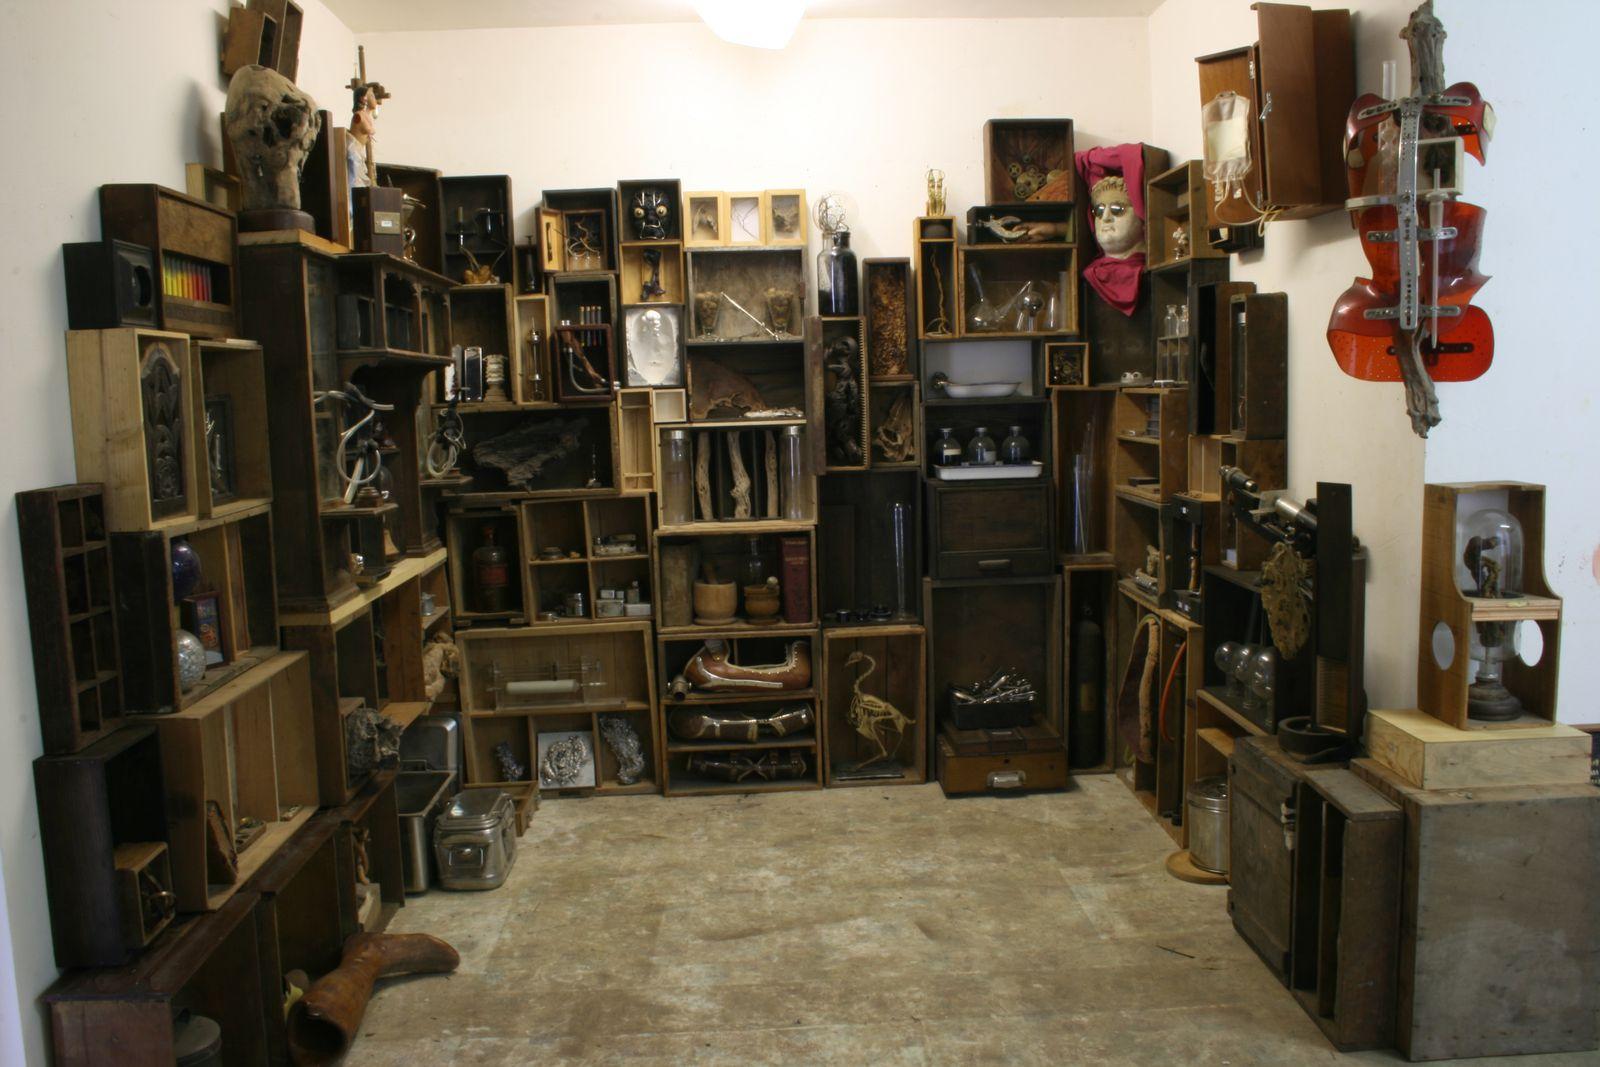 Cabinet de curiosit s le cabinet de curiosit s de jean duhurt plasticien chirurgiste - Le cabinet de curiosites ...